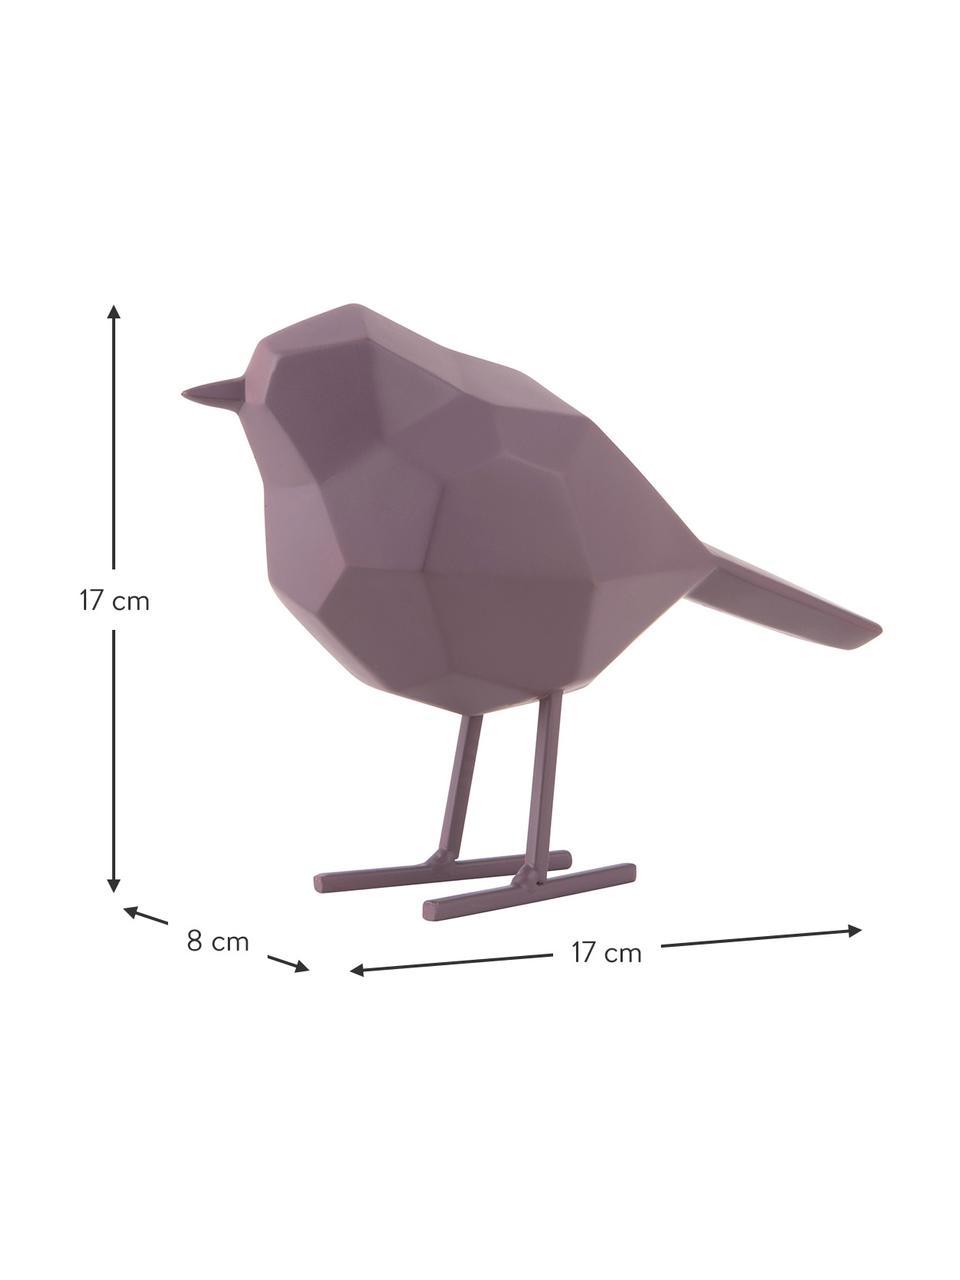 Deko-Objekt Bird, Kunststoff, Lila, 24 x 19 cm